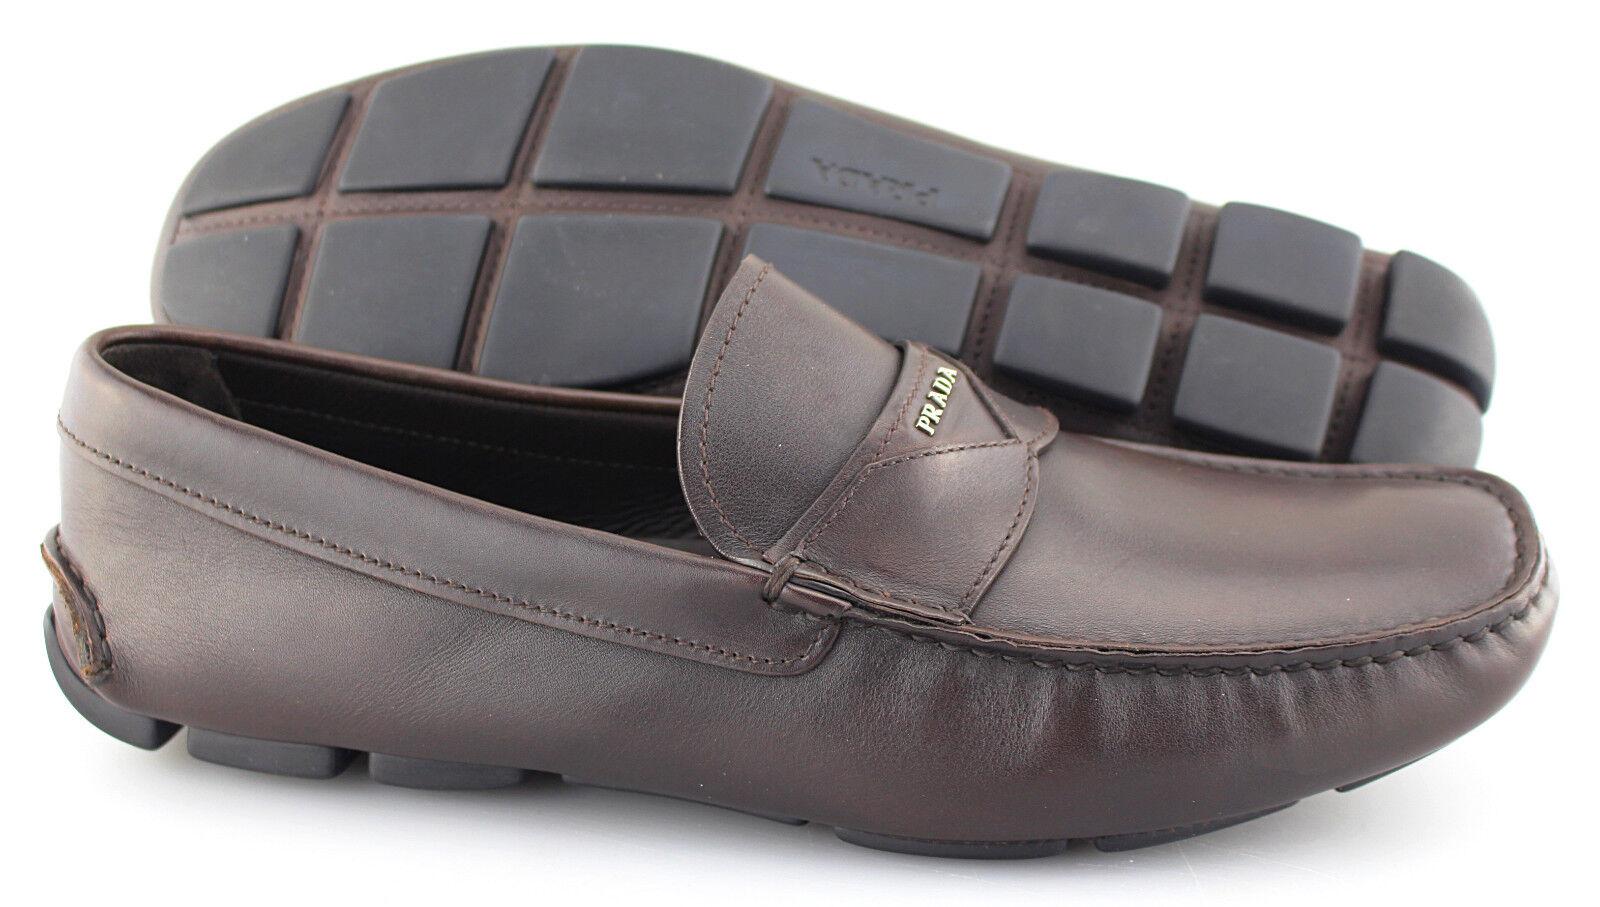 Men's PRADA 'Milano' Dark Brown Leather Loafers Size US 11 PRADA 10